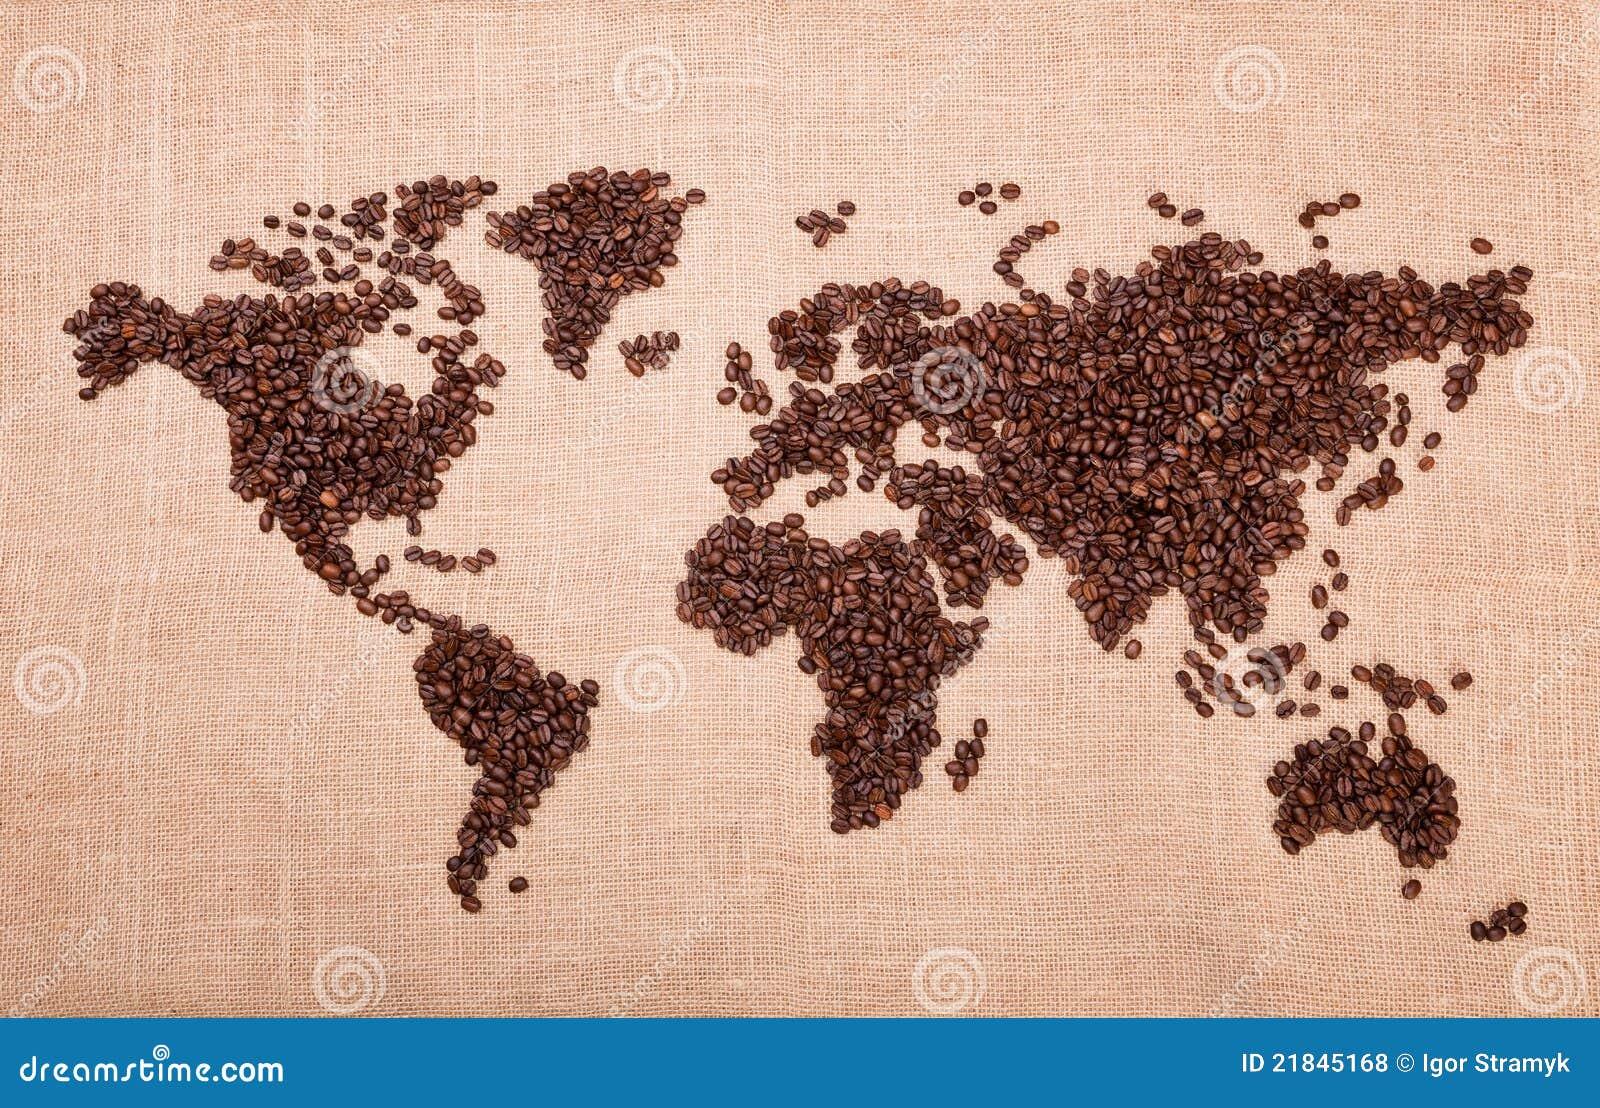 γίνοντας καφές χάρτης